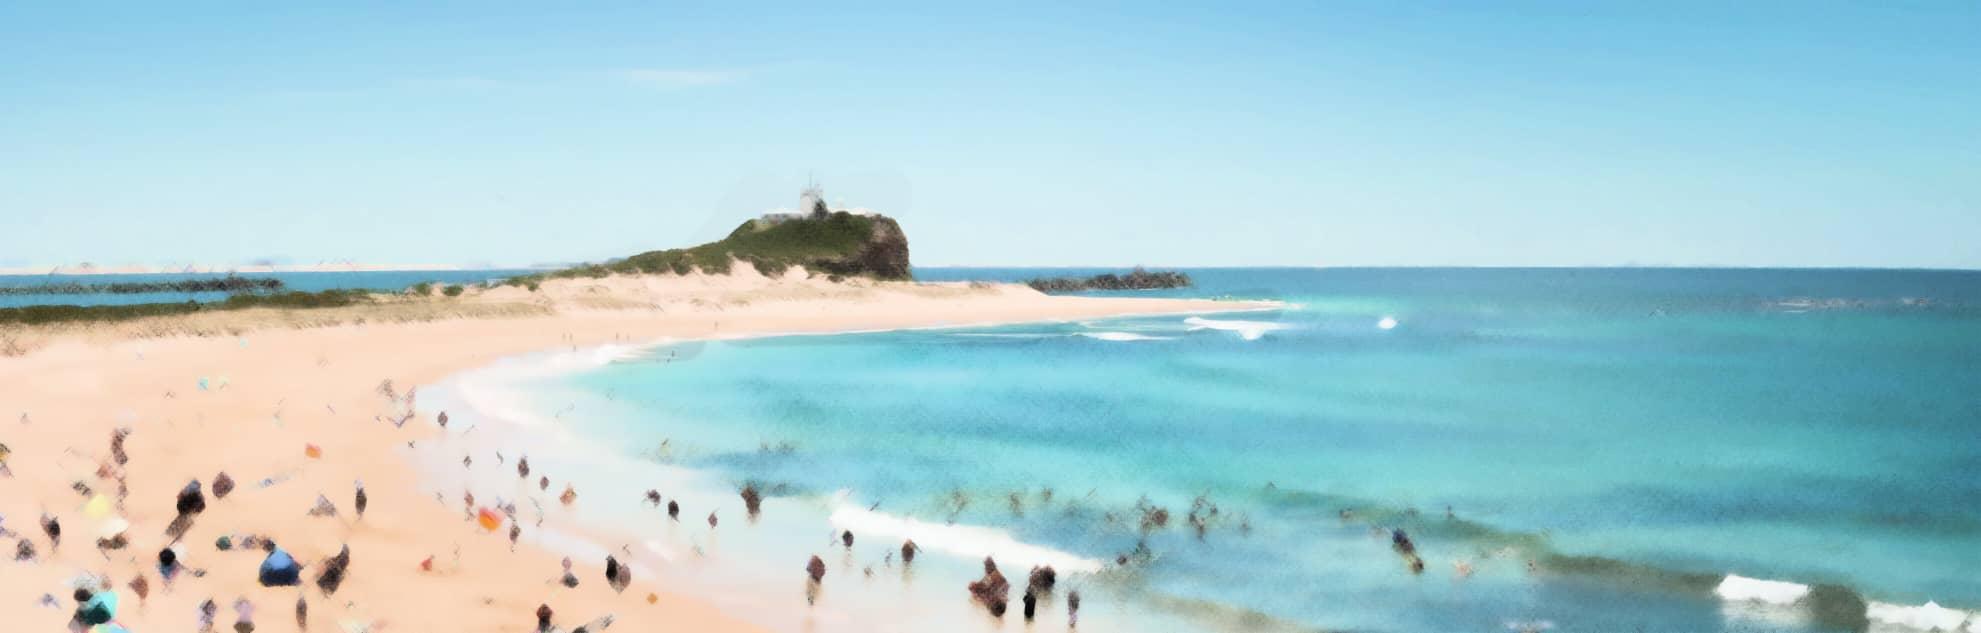 NDIS Beach